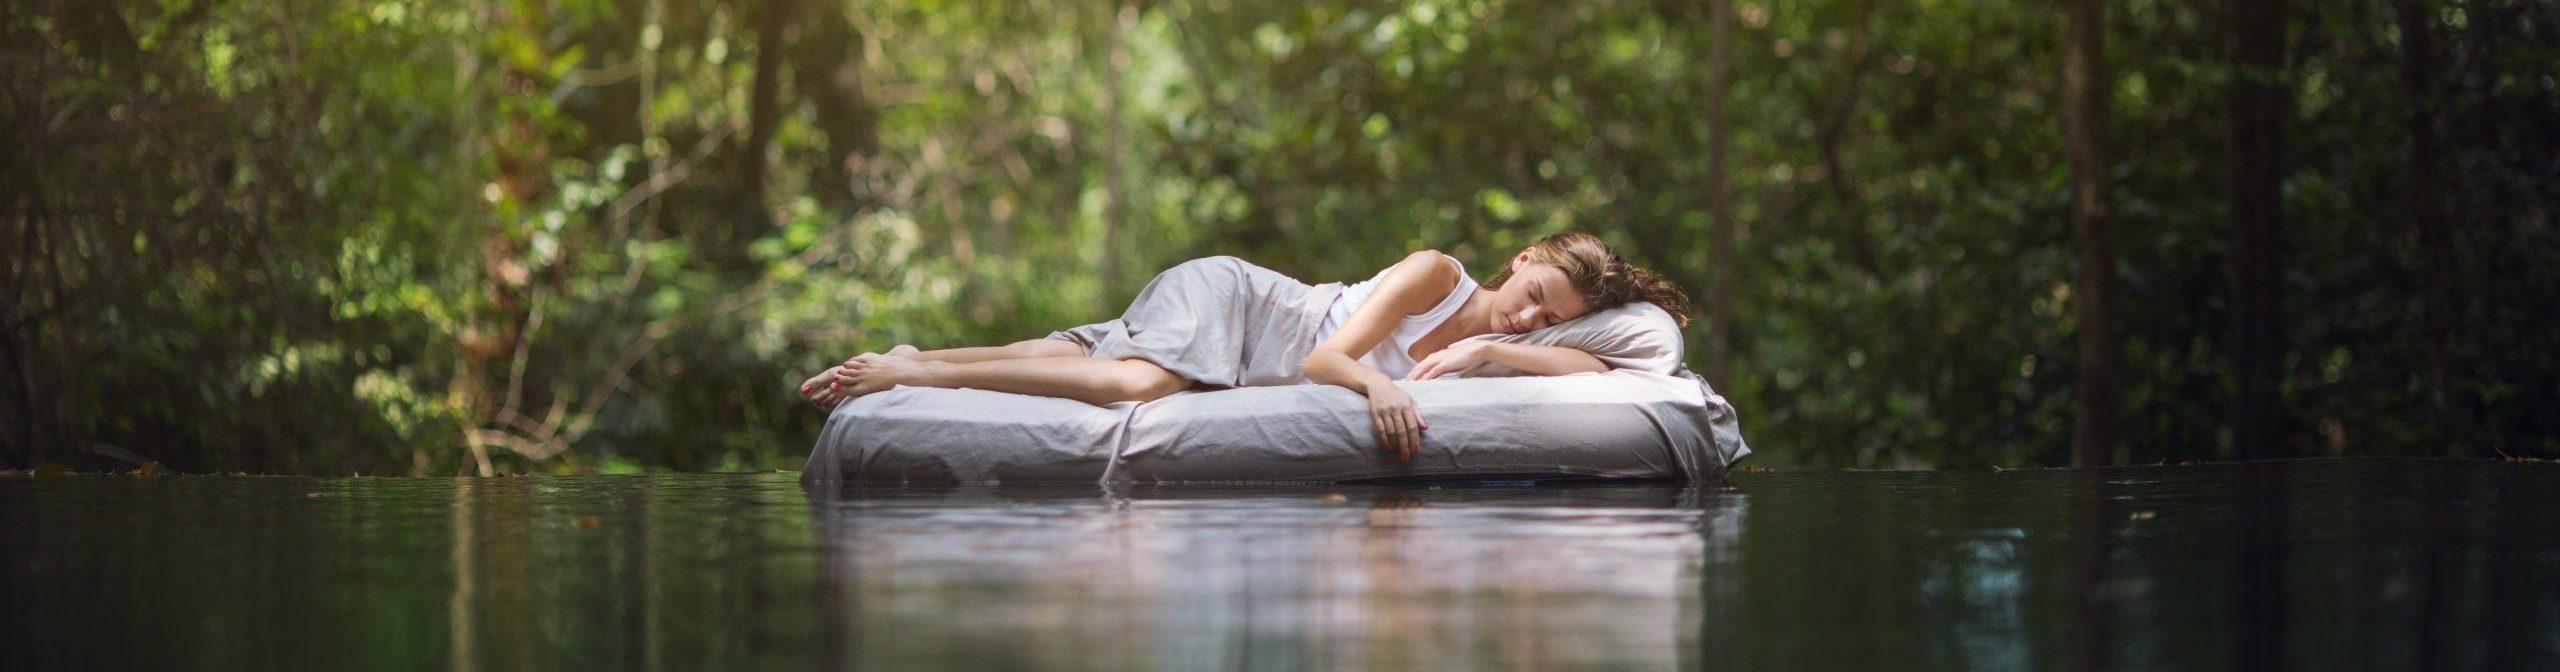 Elegir el colchón ideal garantiza un buen descanso